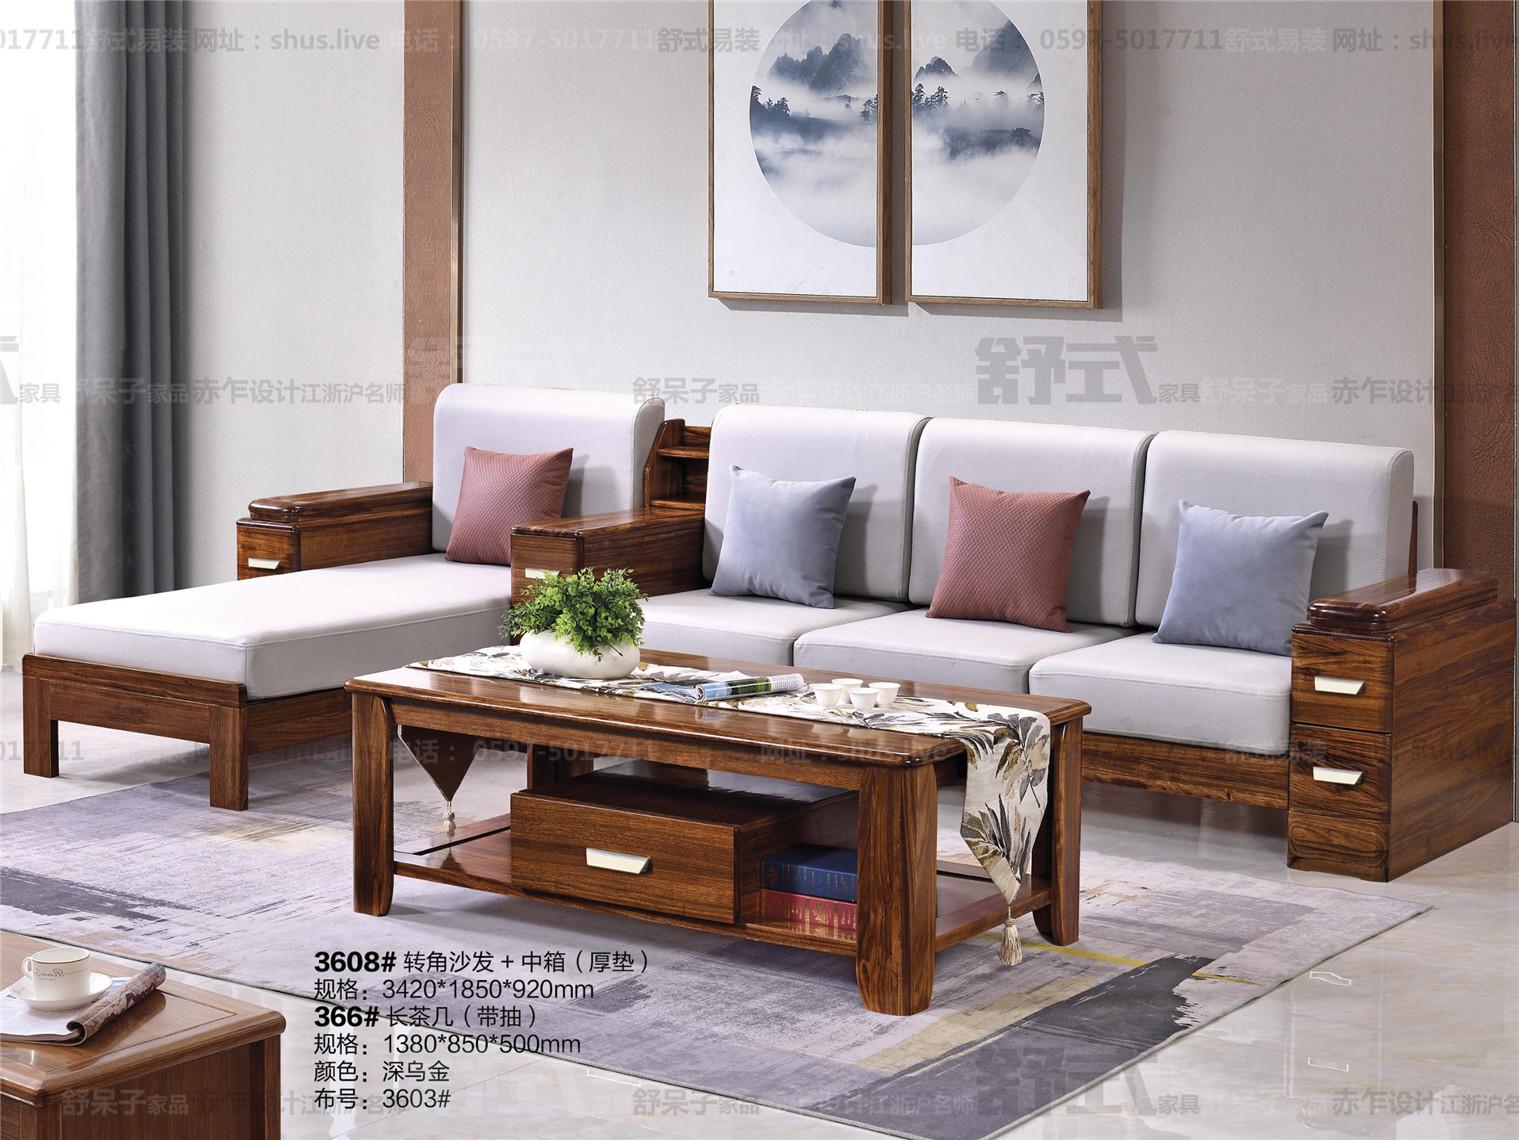 中式乌金木-沙发/茶几/电视柜/床/床头柜/梳妆台/餐桌/餐椅-五金ZP